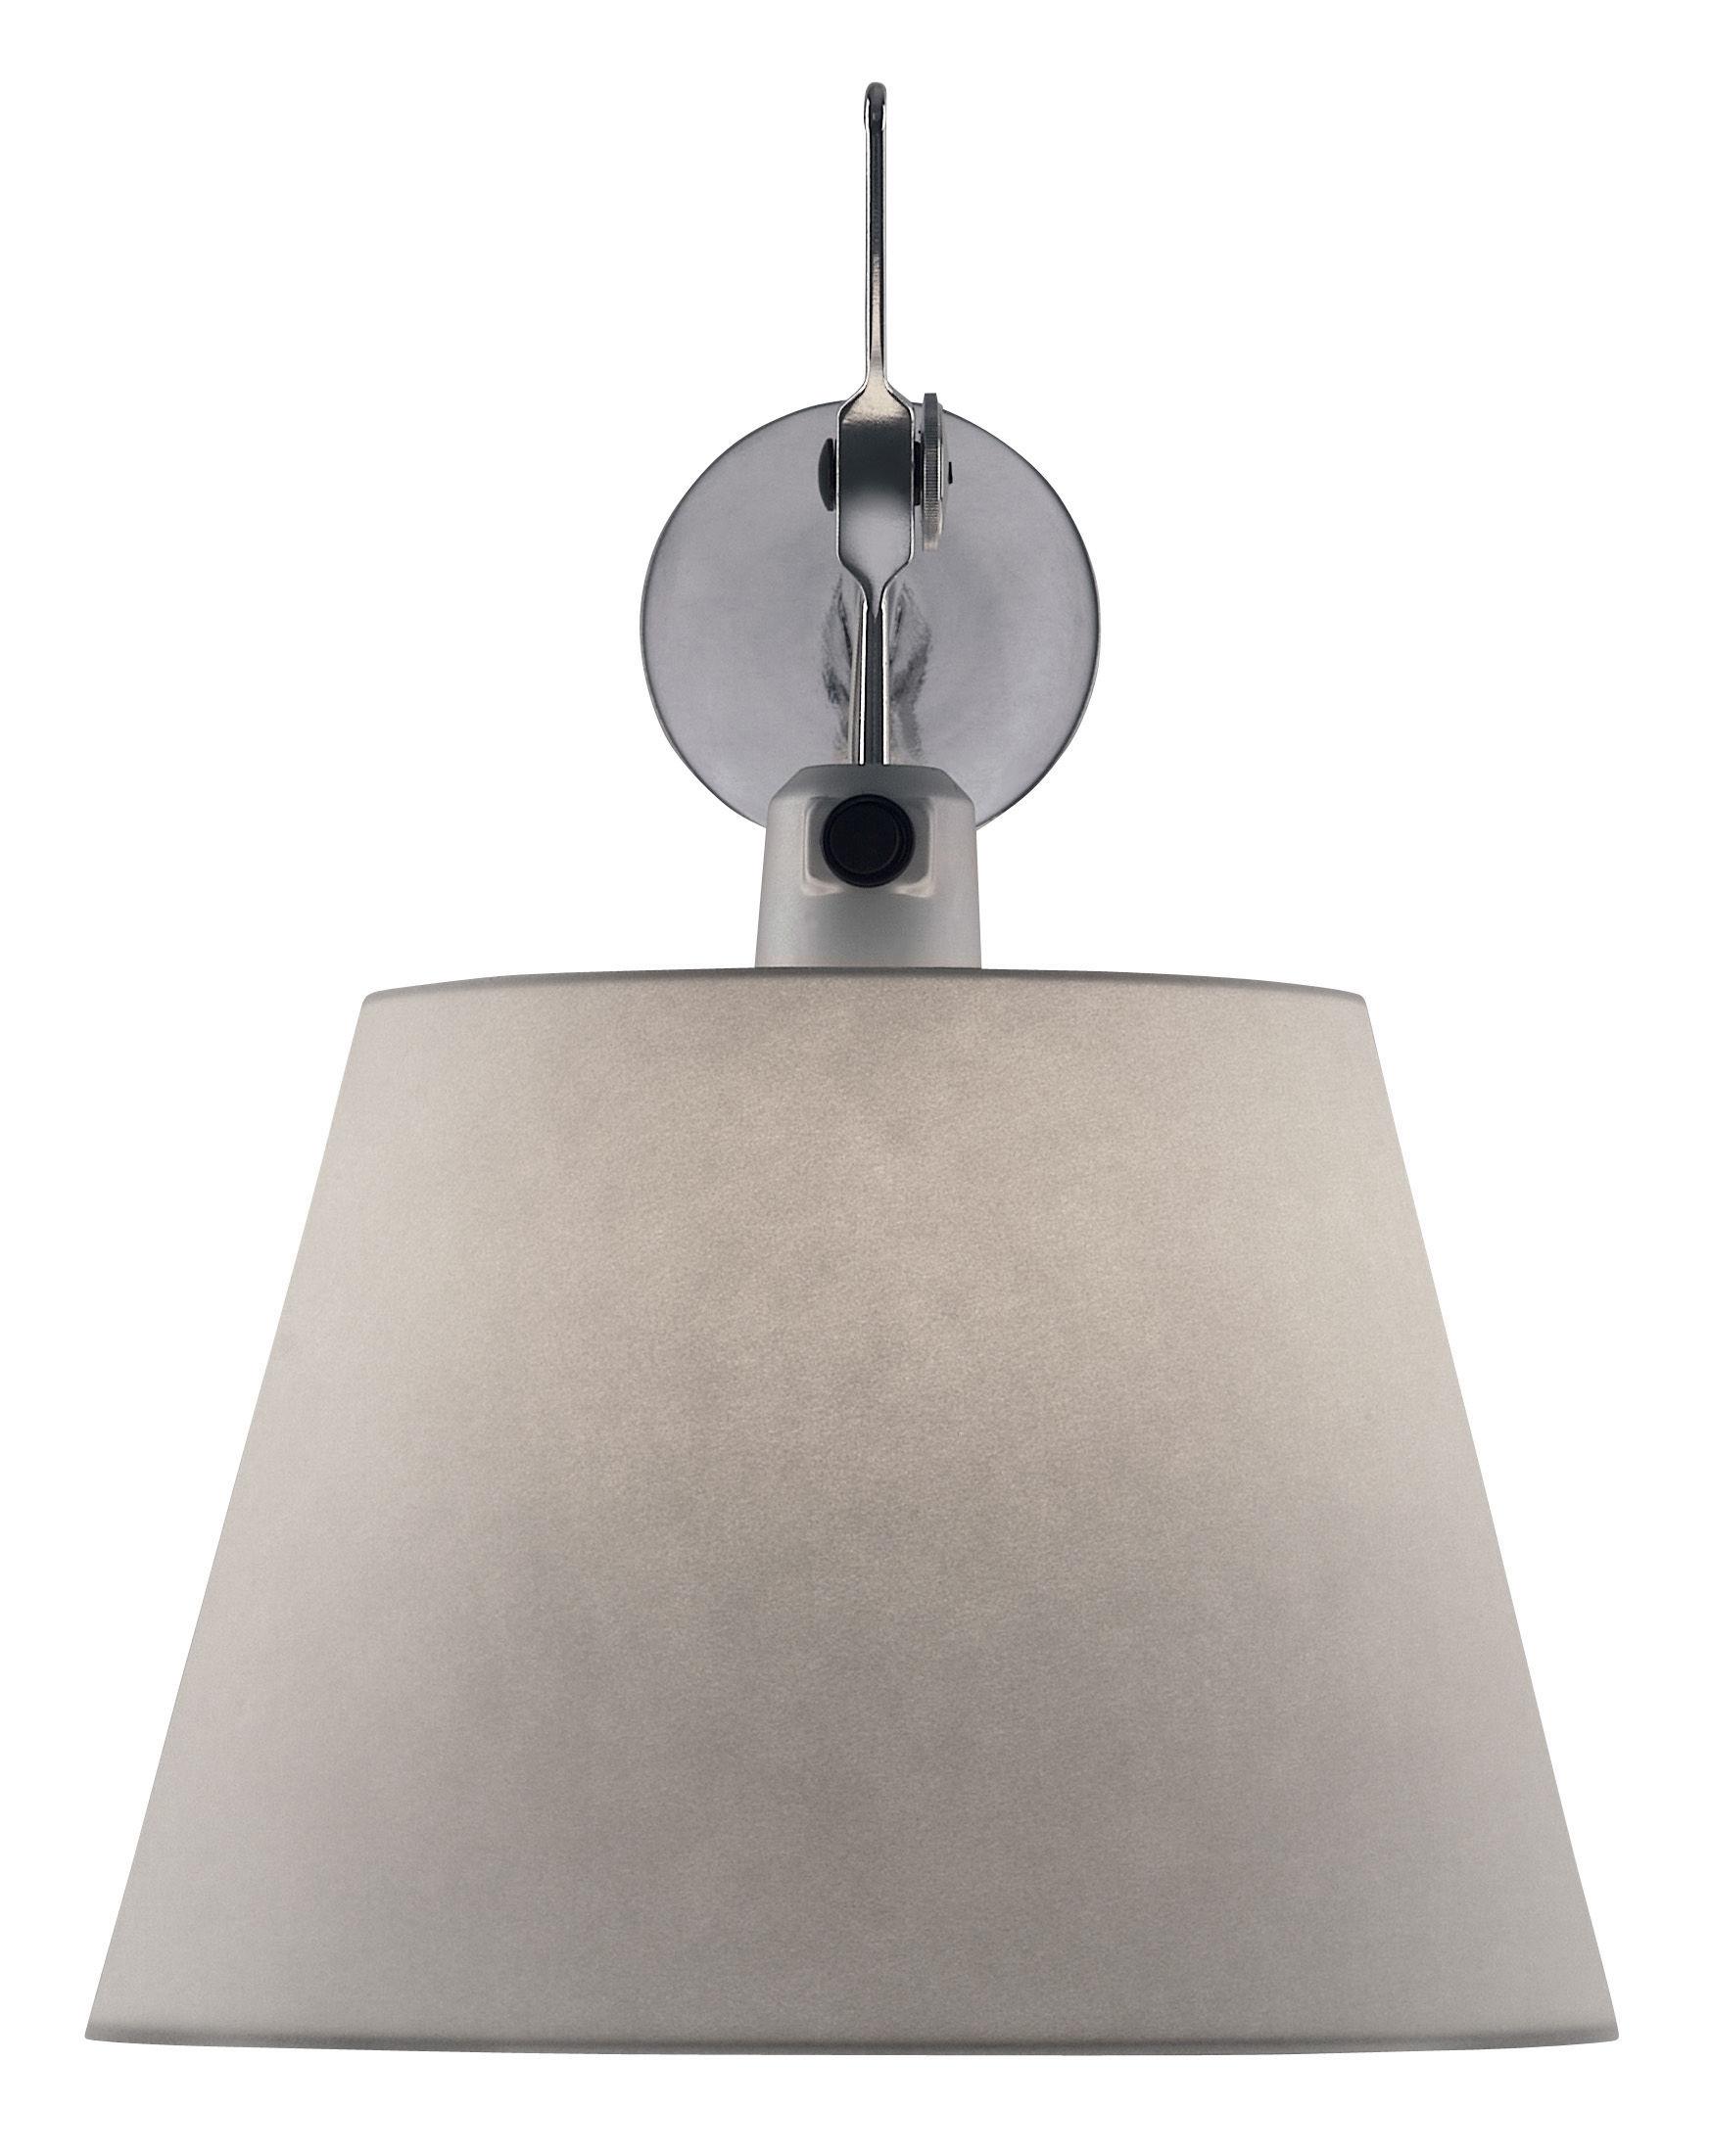 Illuminazione - Lampade da parete - Applique Tolomeo - Ø 32 cm di Artemide - Satinato grigio - Alluminio, Seta